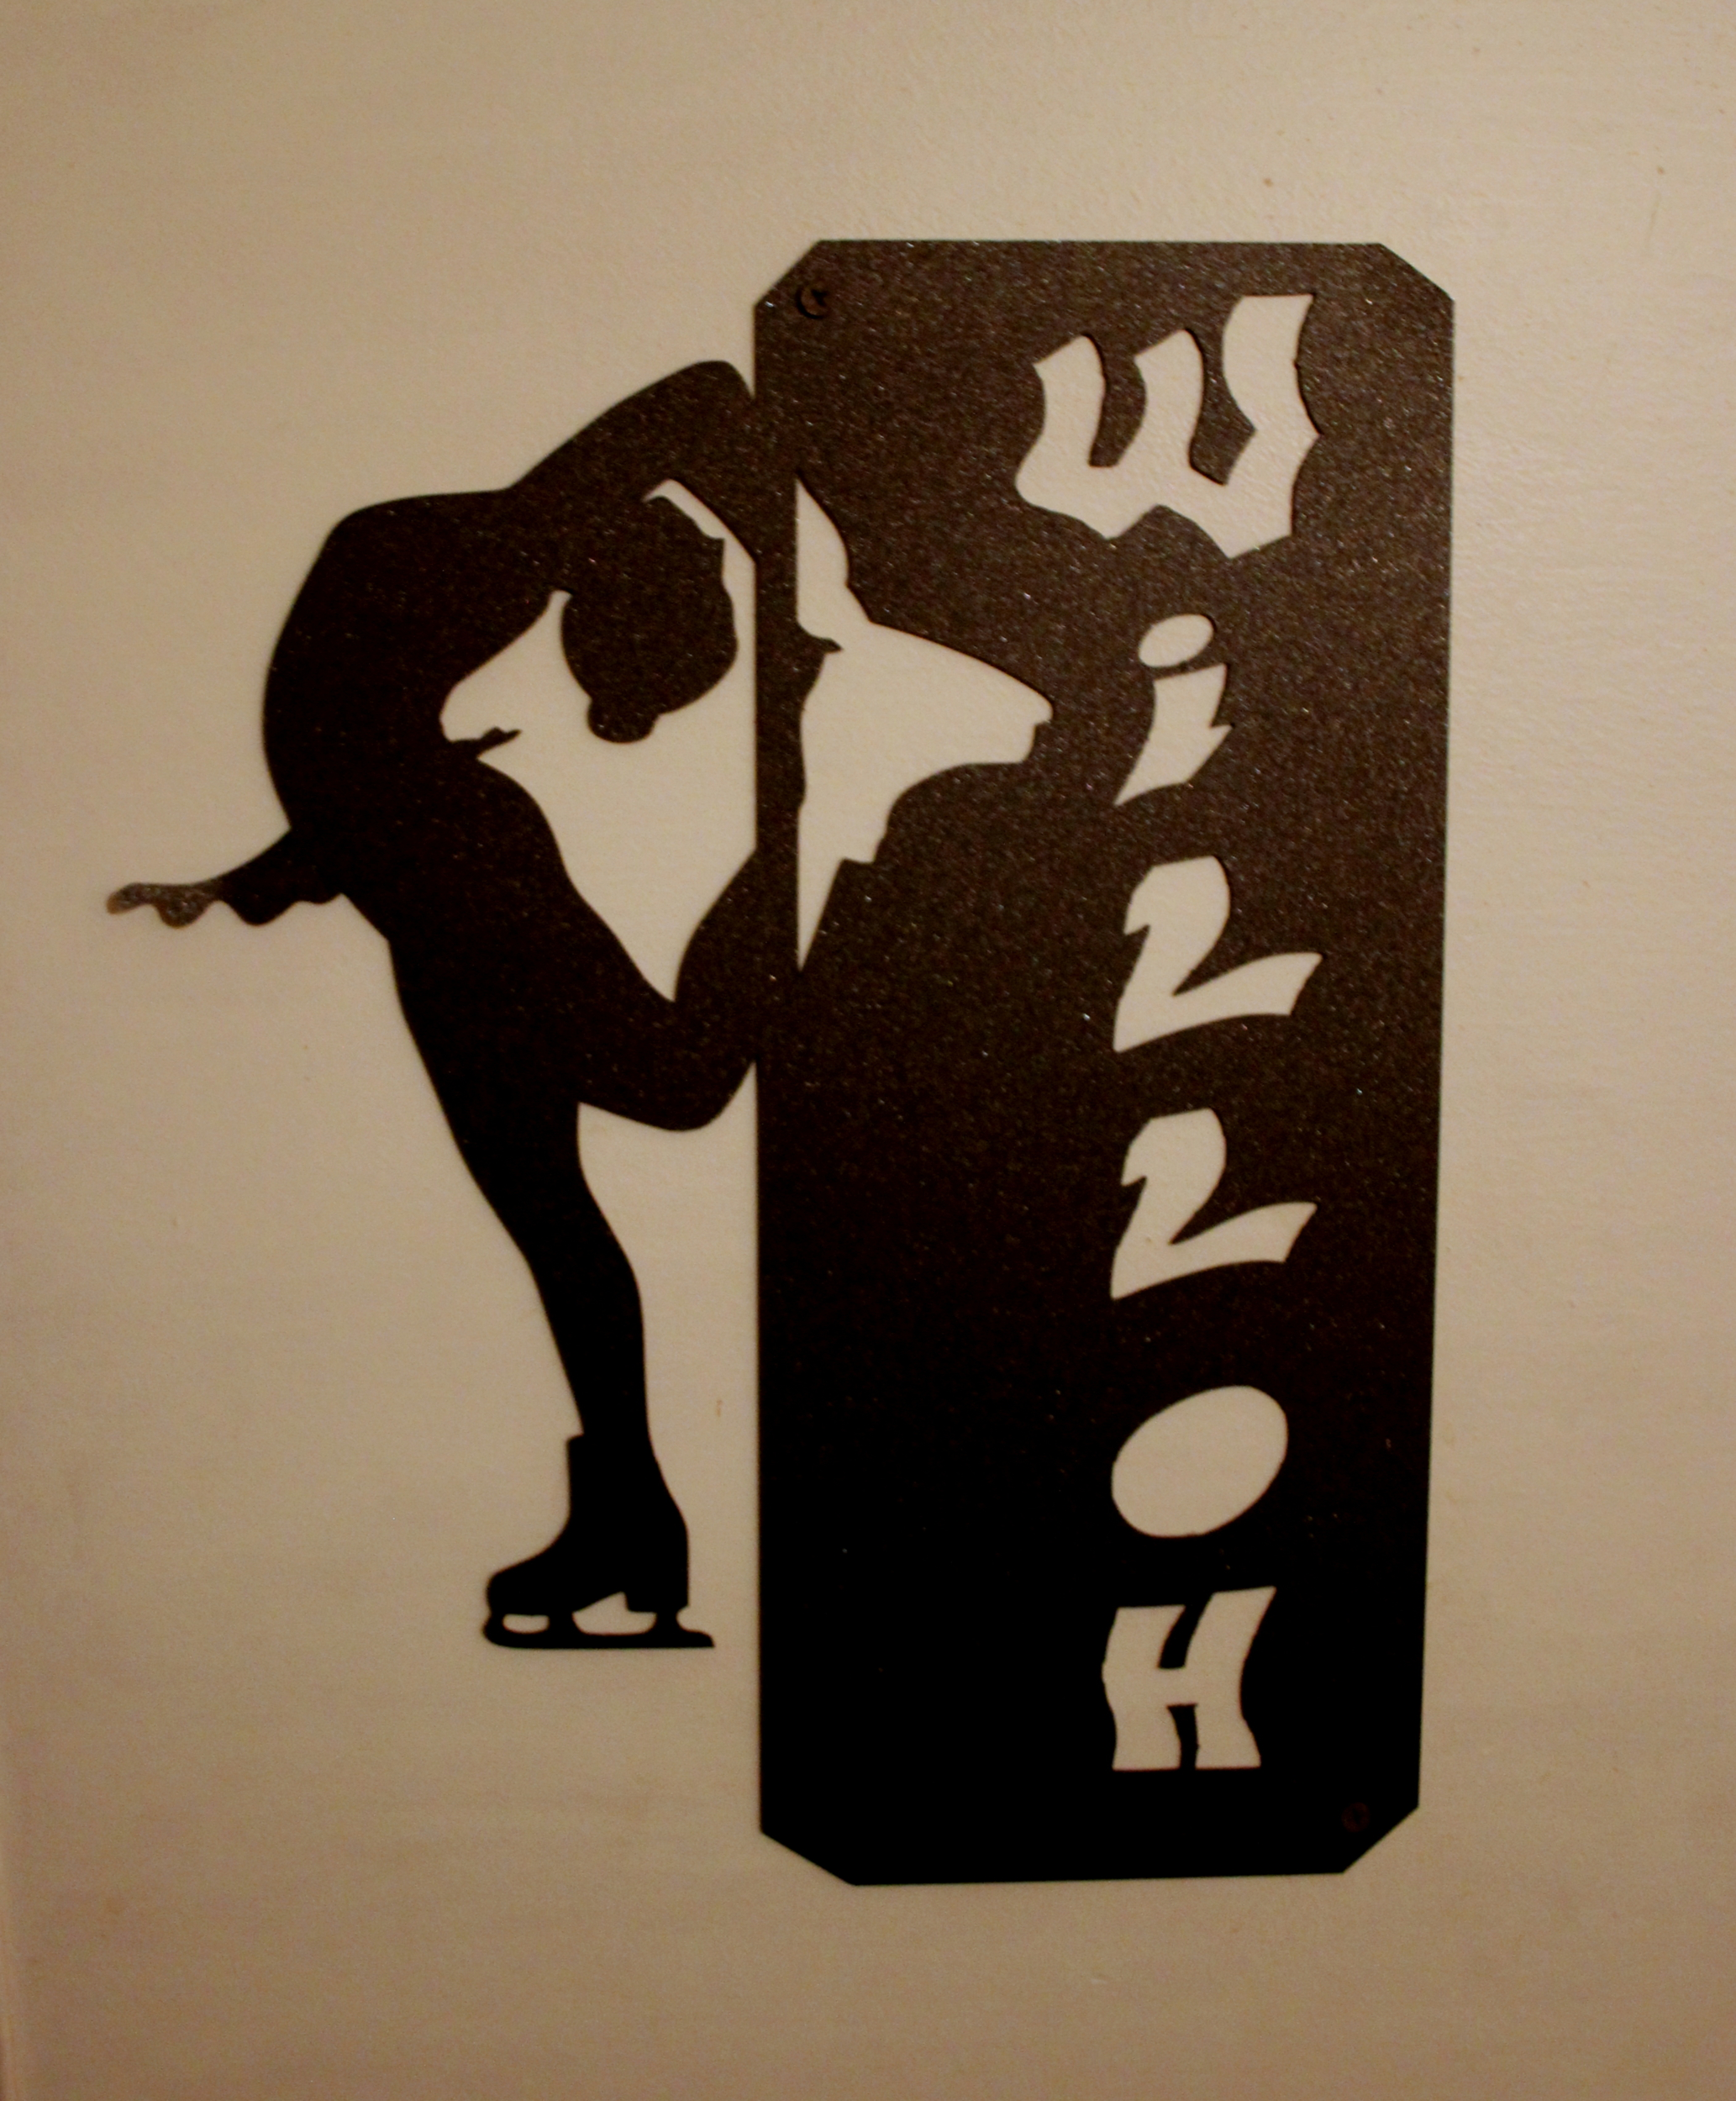 prénom-décoration mural-décoration industriel-décorationr-le labo du kraken-acier-métal